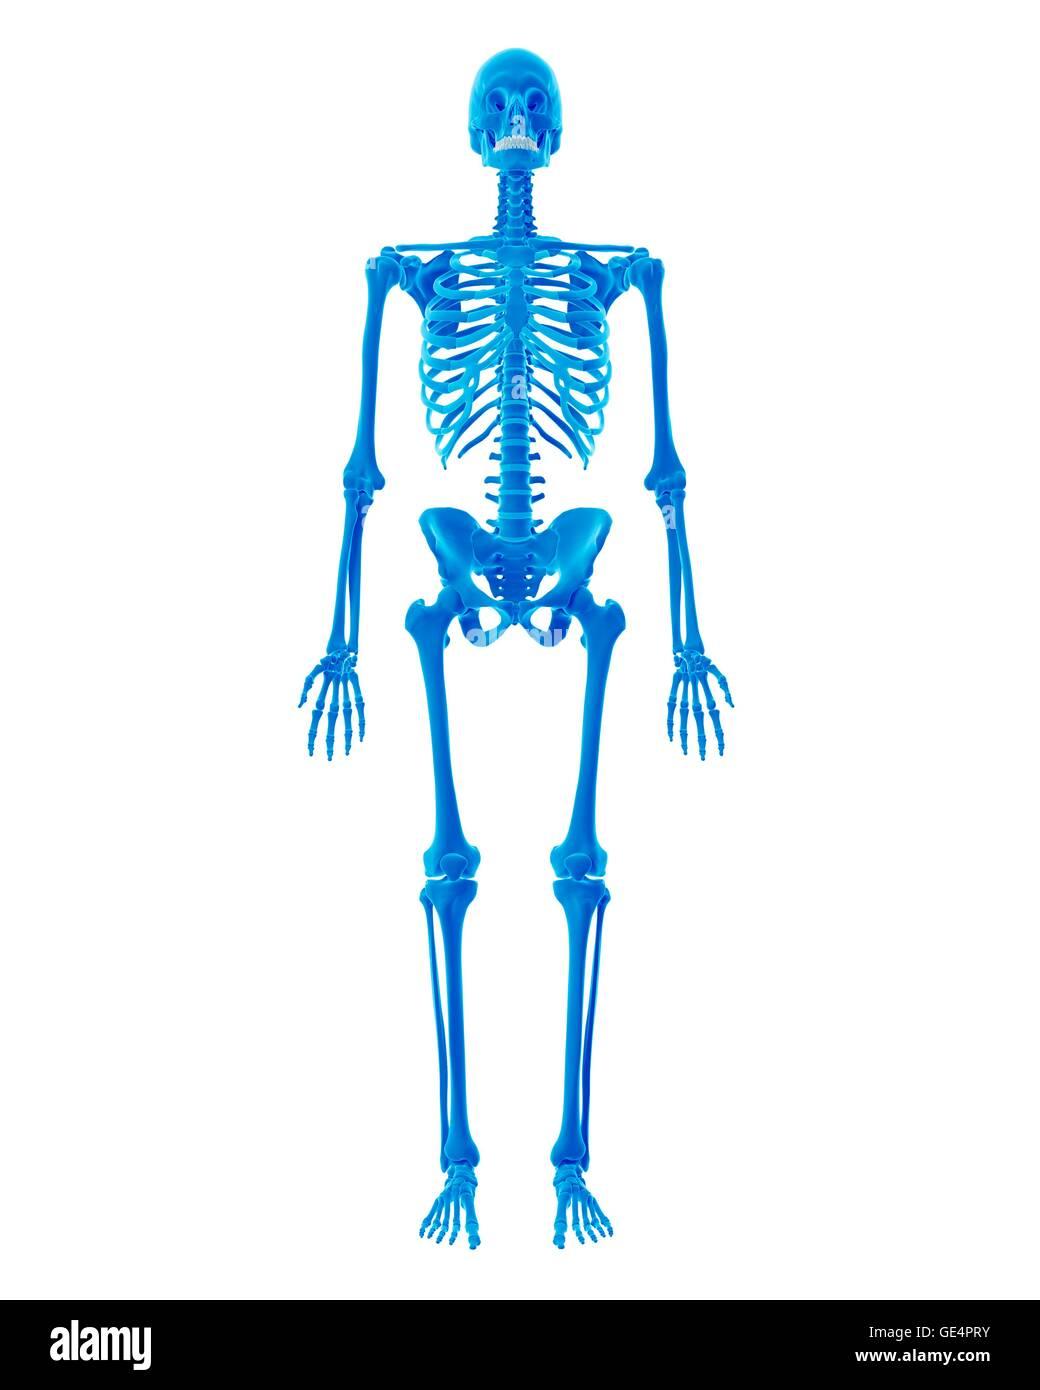 Nett Das Menschliche Skelett Knochen Gekennzeichnet Zeitgenössisch ...